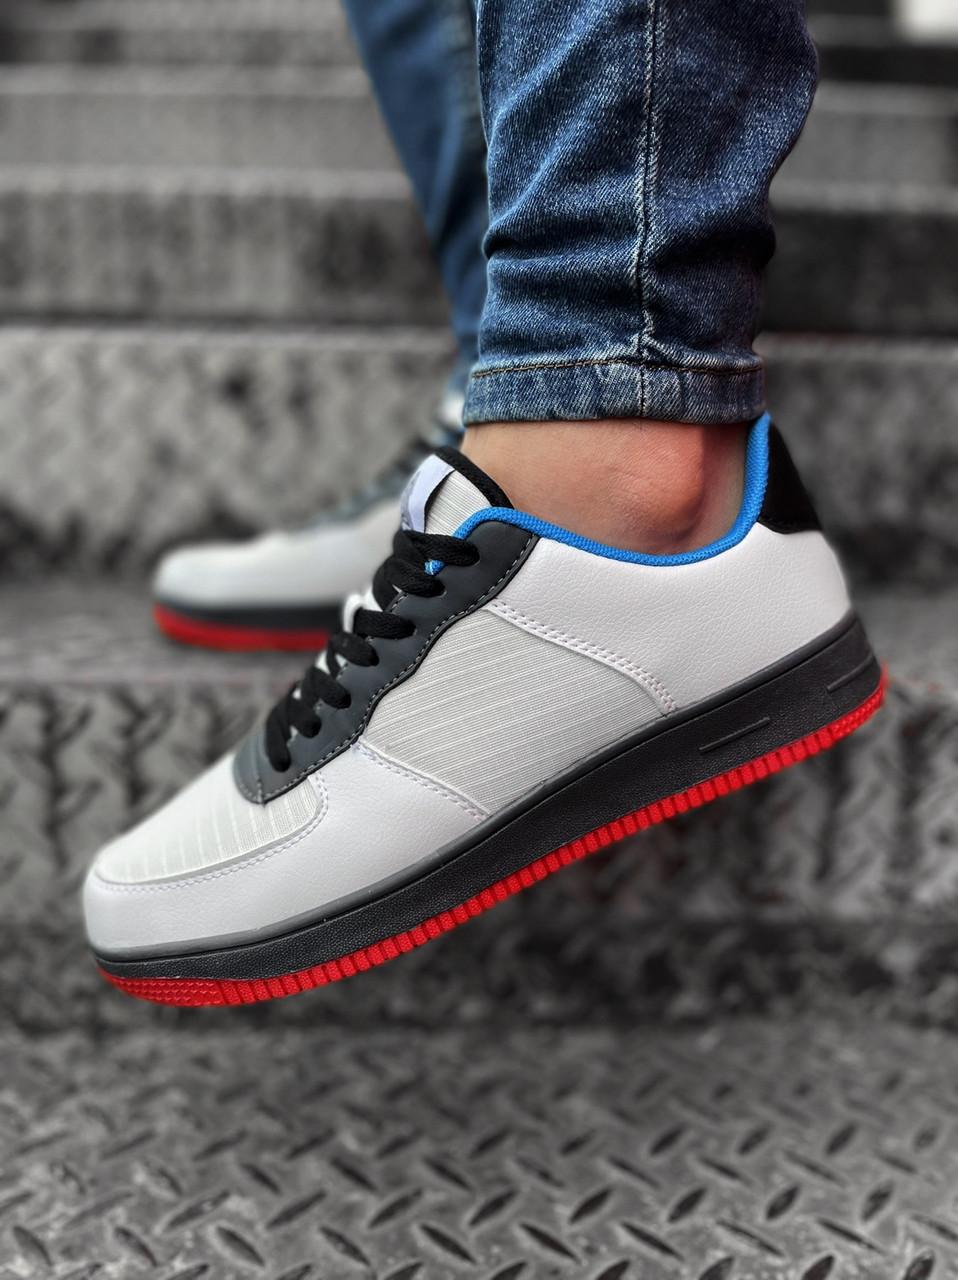 Мужские кроссовки кеды обувь кроссовки ботинки кеды брендовые реплика копия